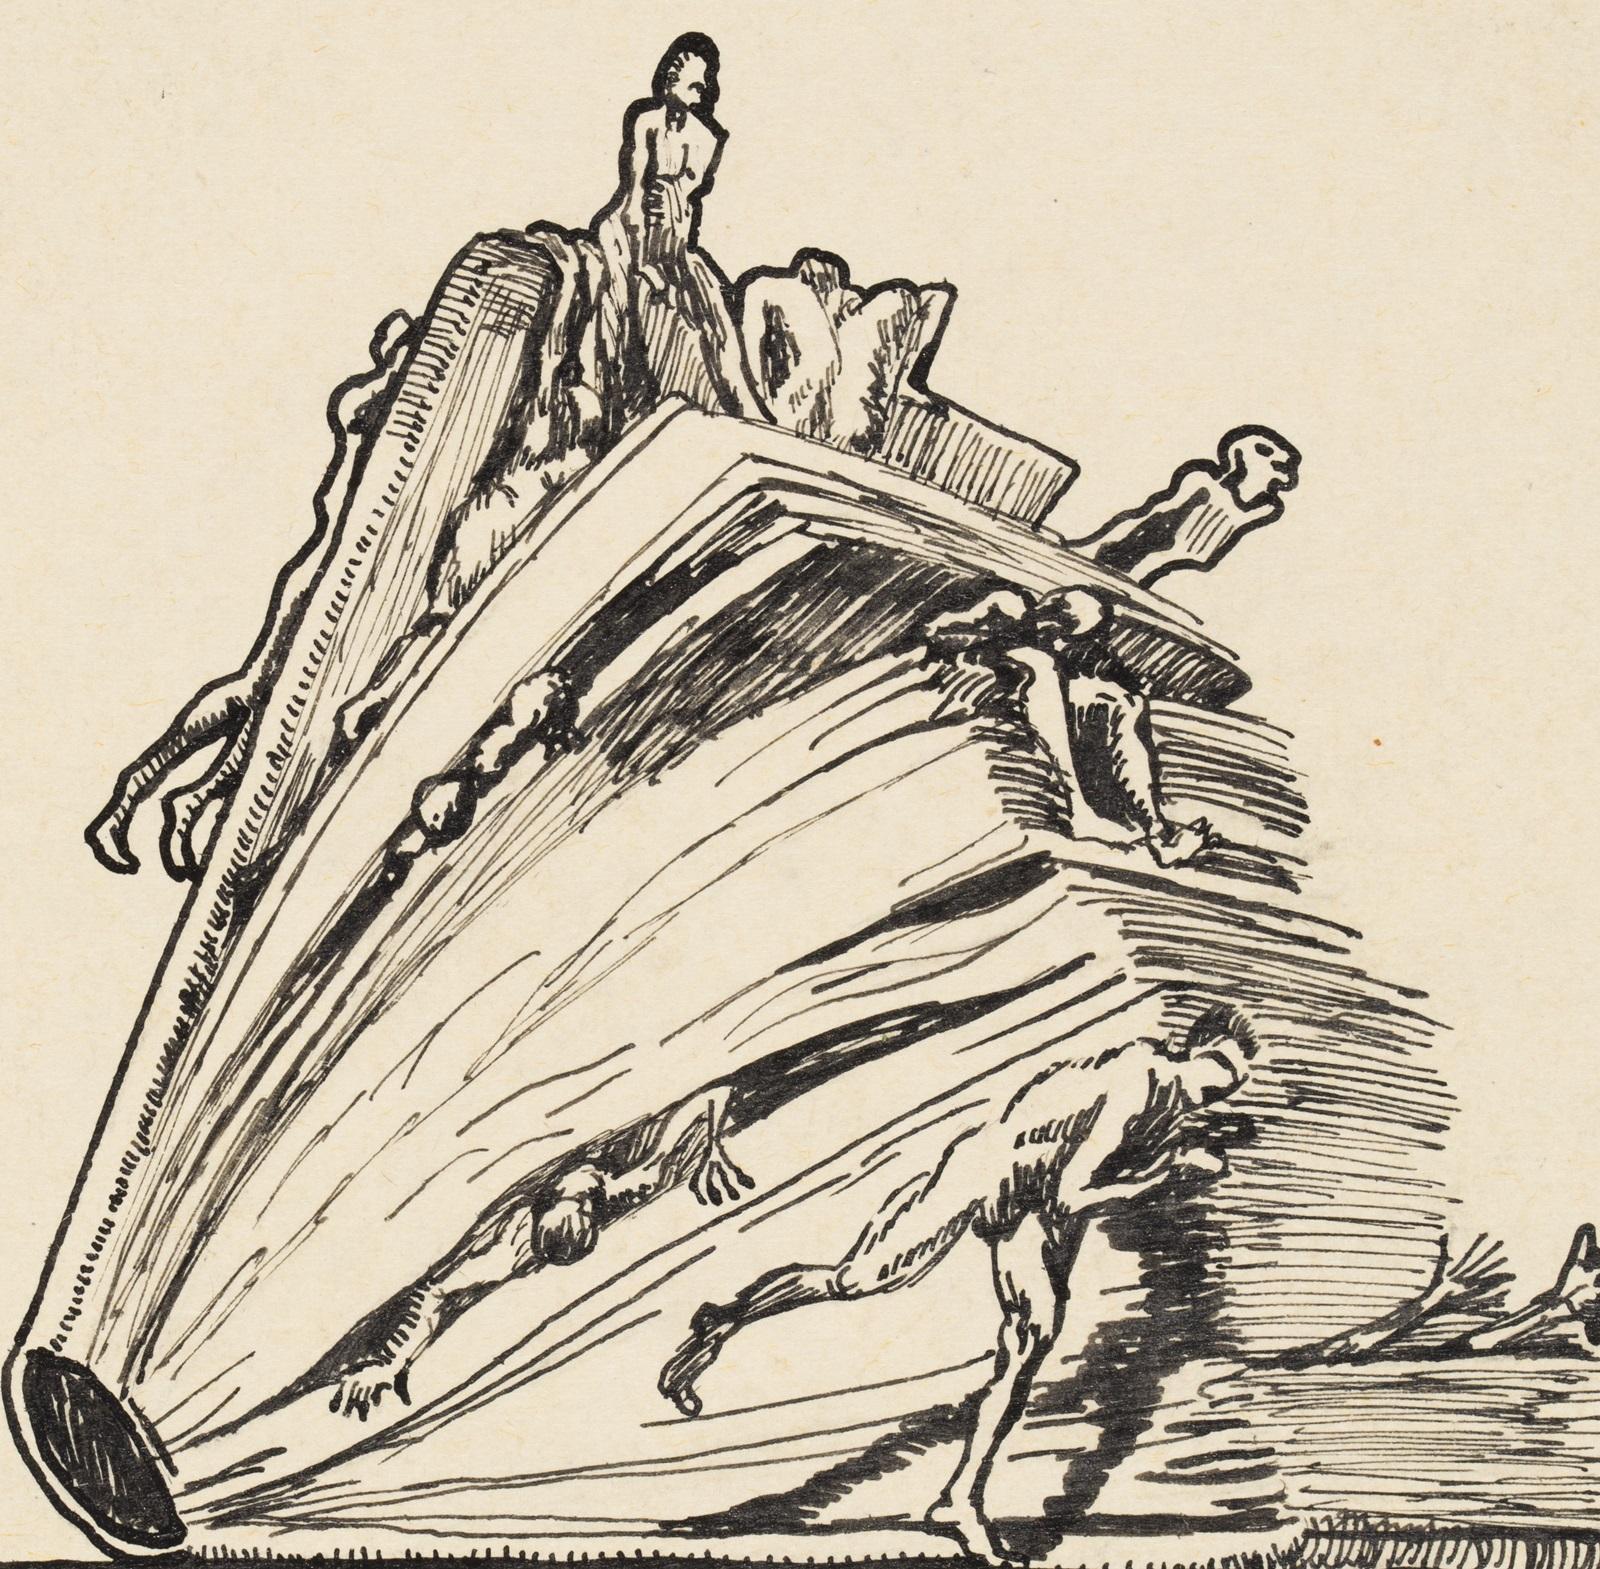 Ilustracja: H. Beck, Starają się ocalić z tłoczącej ich księgi Historii, ze zbiorów Żydowskiego Instytutu Historycznego im. E. Ringelbluma.